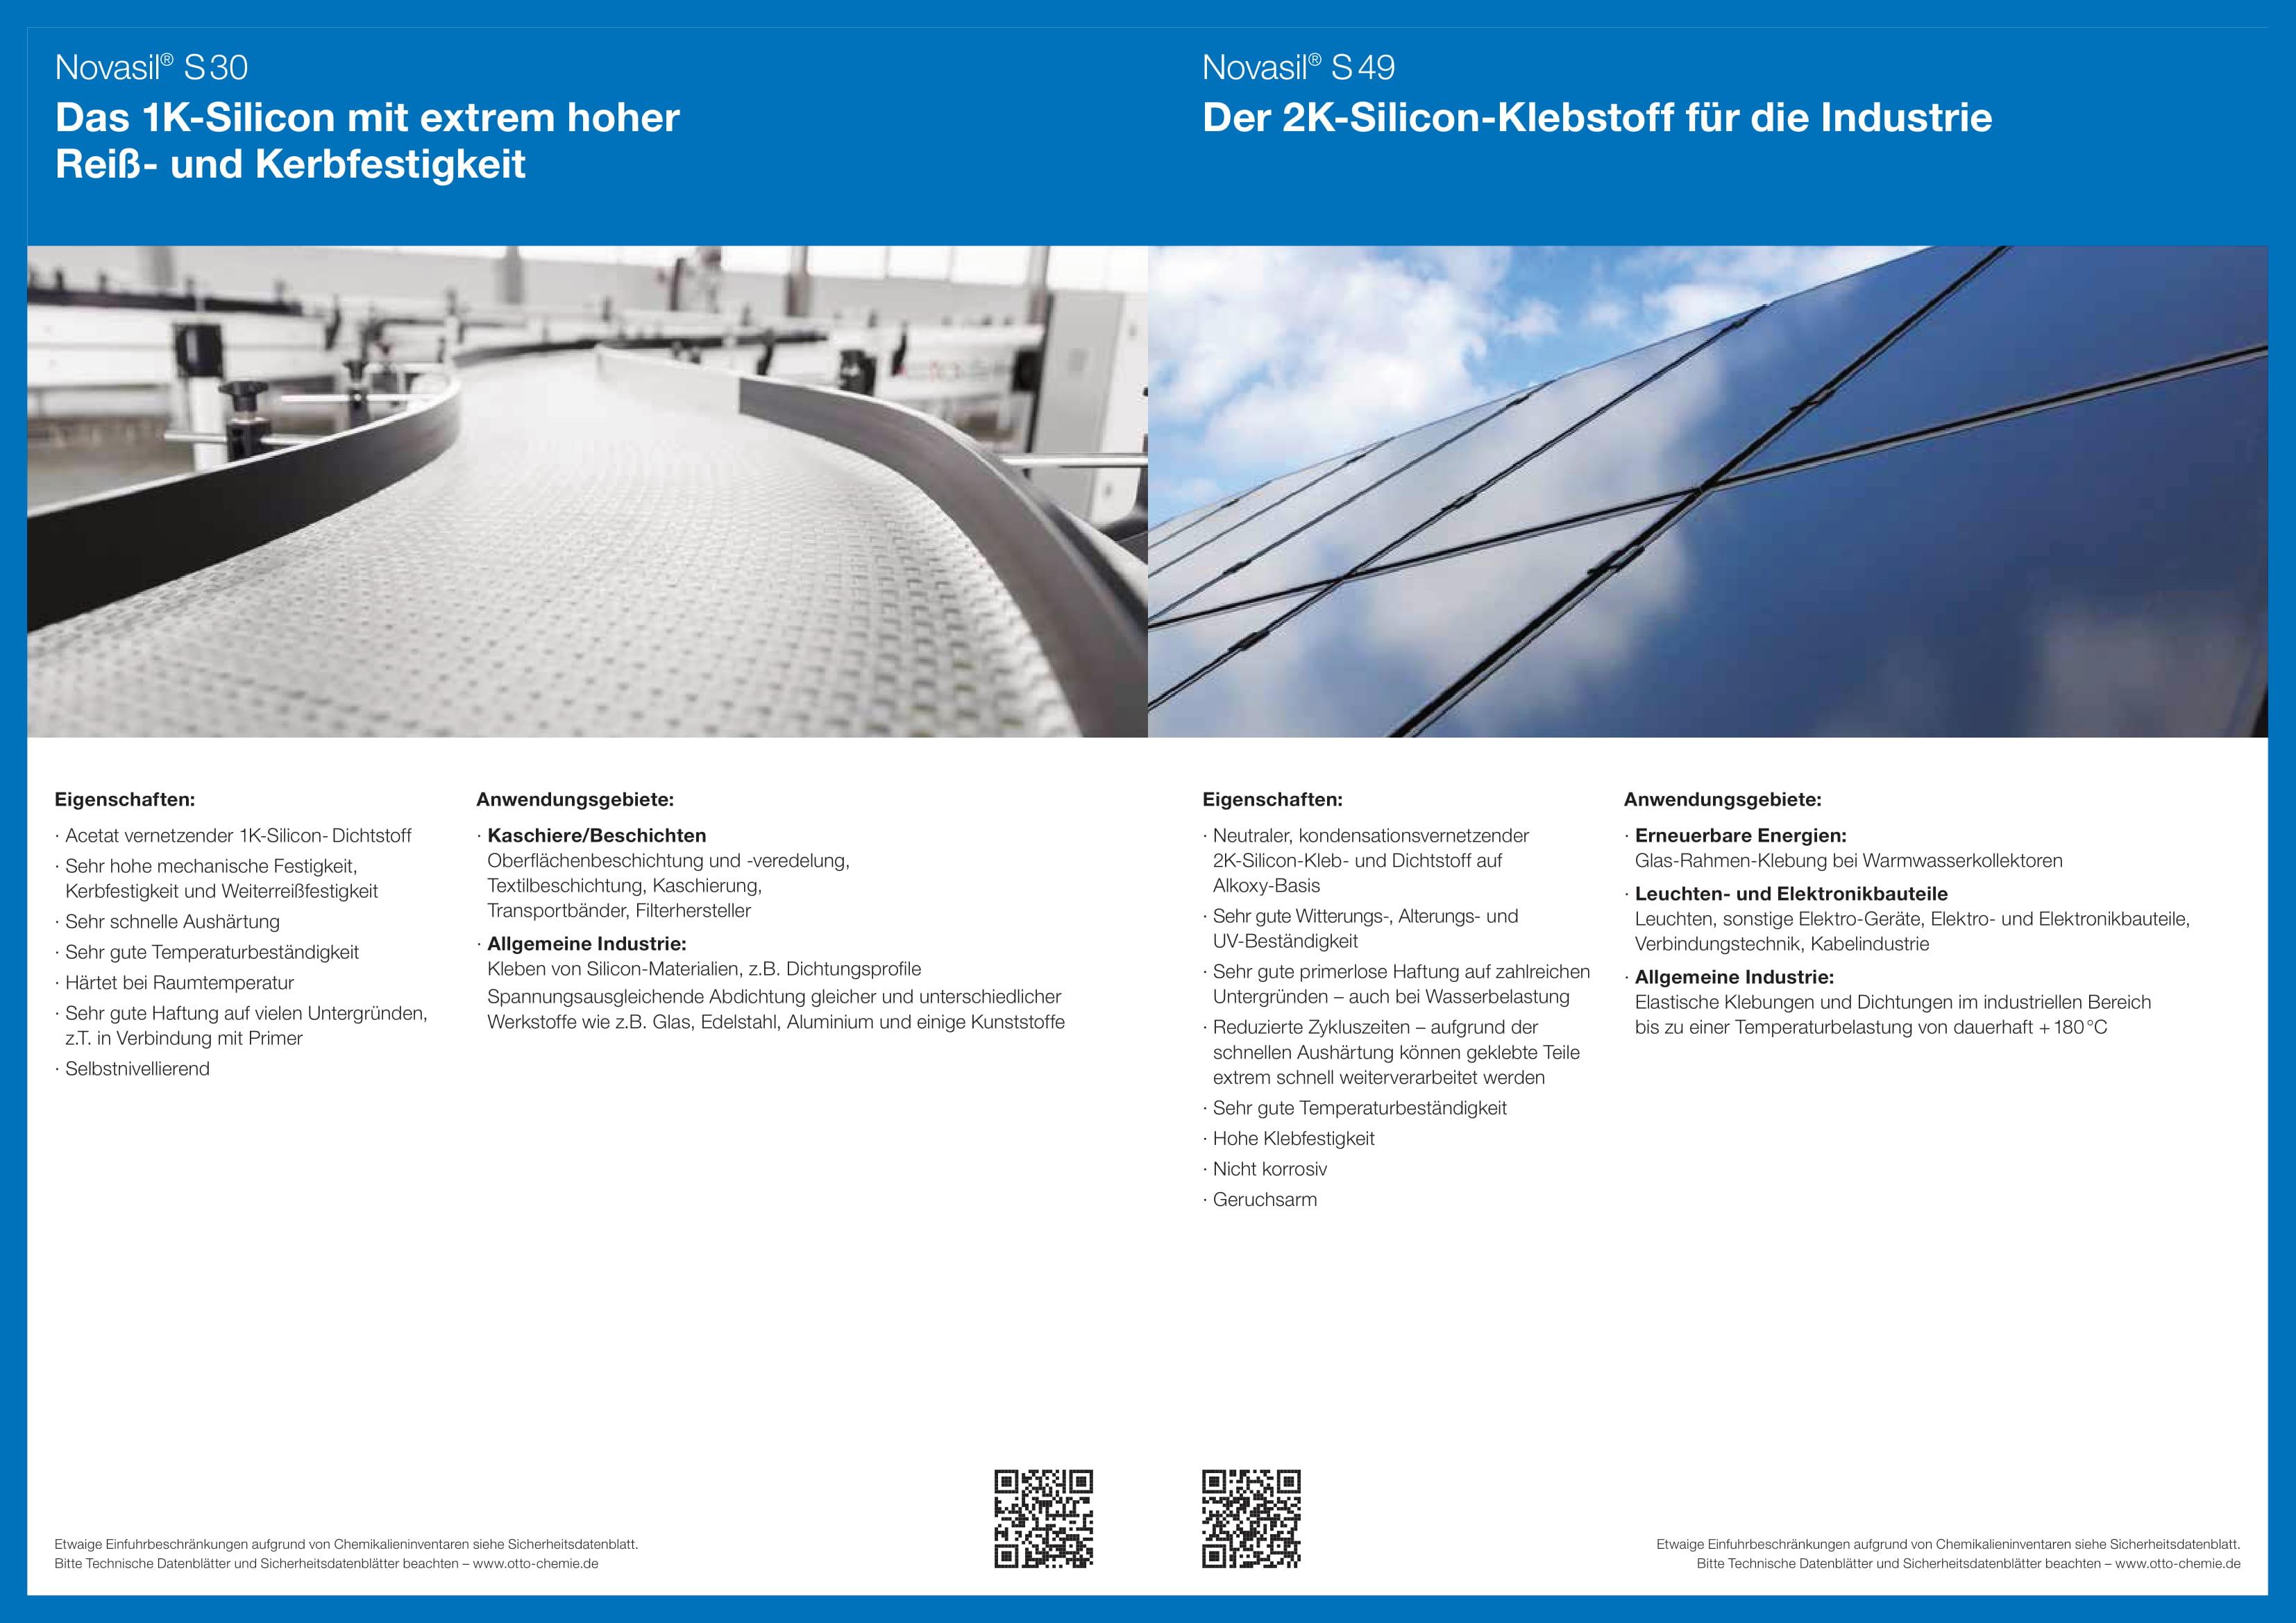 Produktinfo-Technischer_Handel_2019_low-04